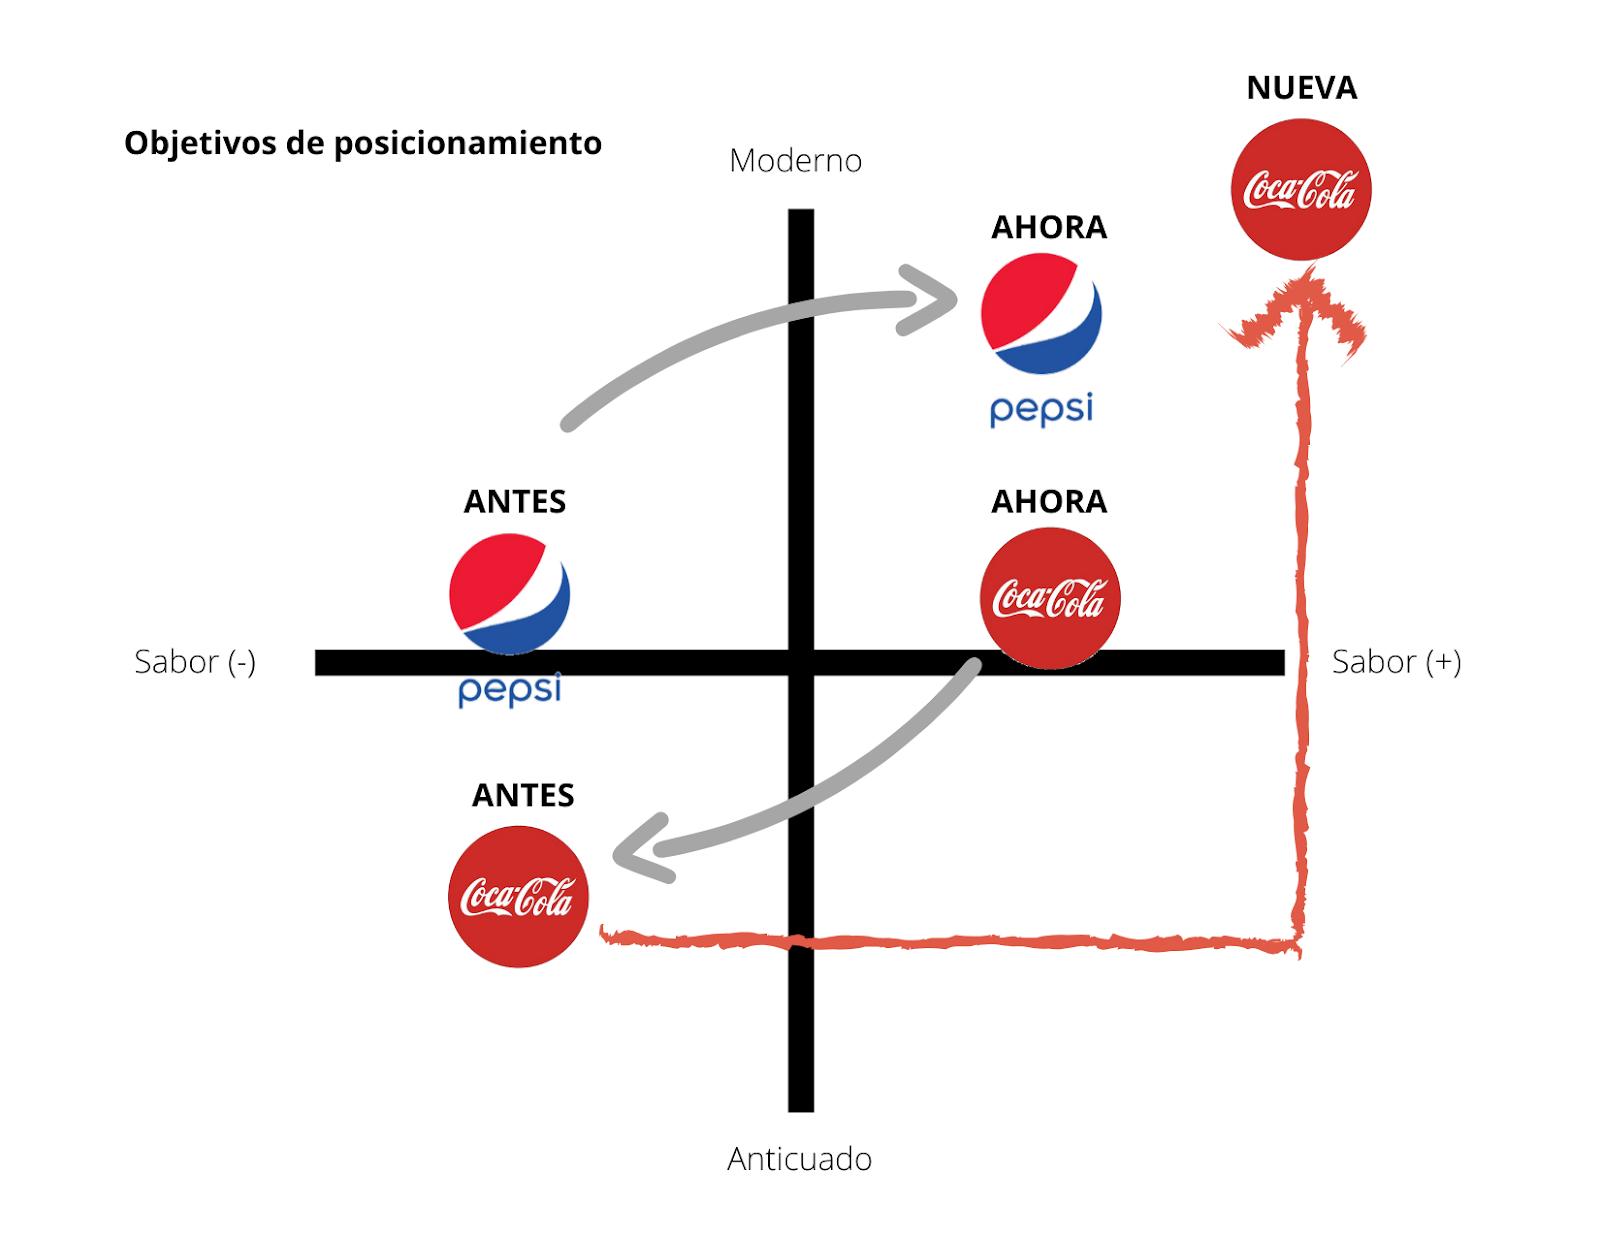 Ejemplo de mapa de posicionamiento de Coca-Cola